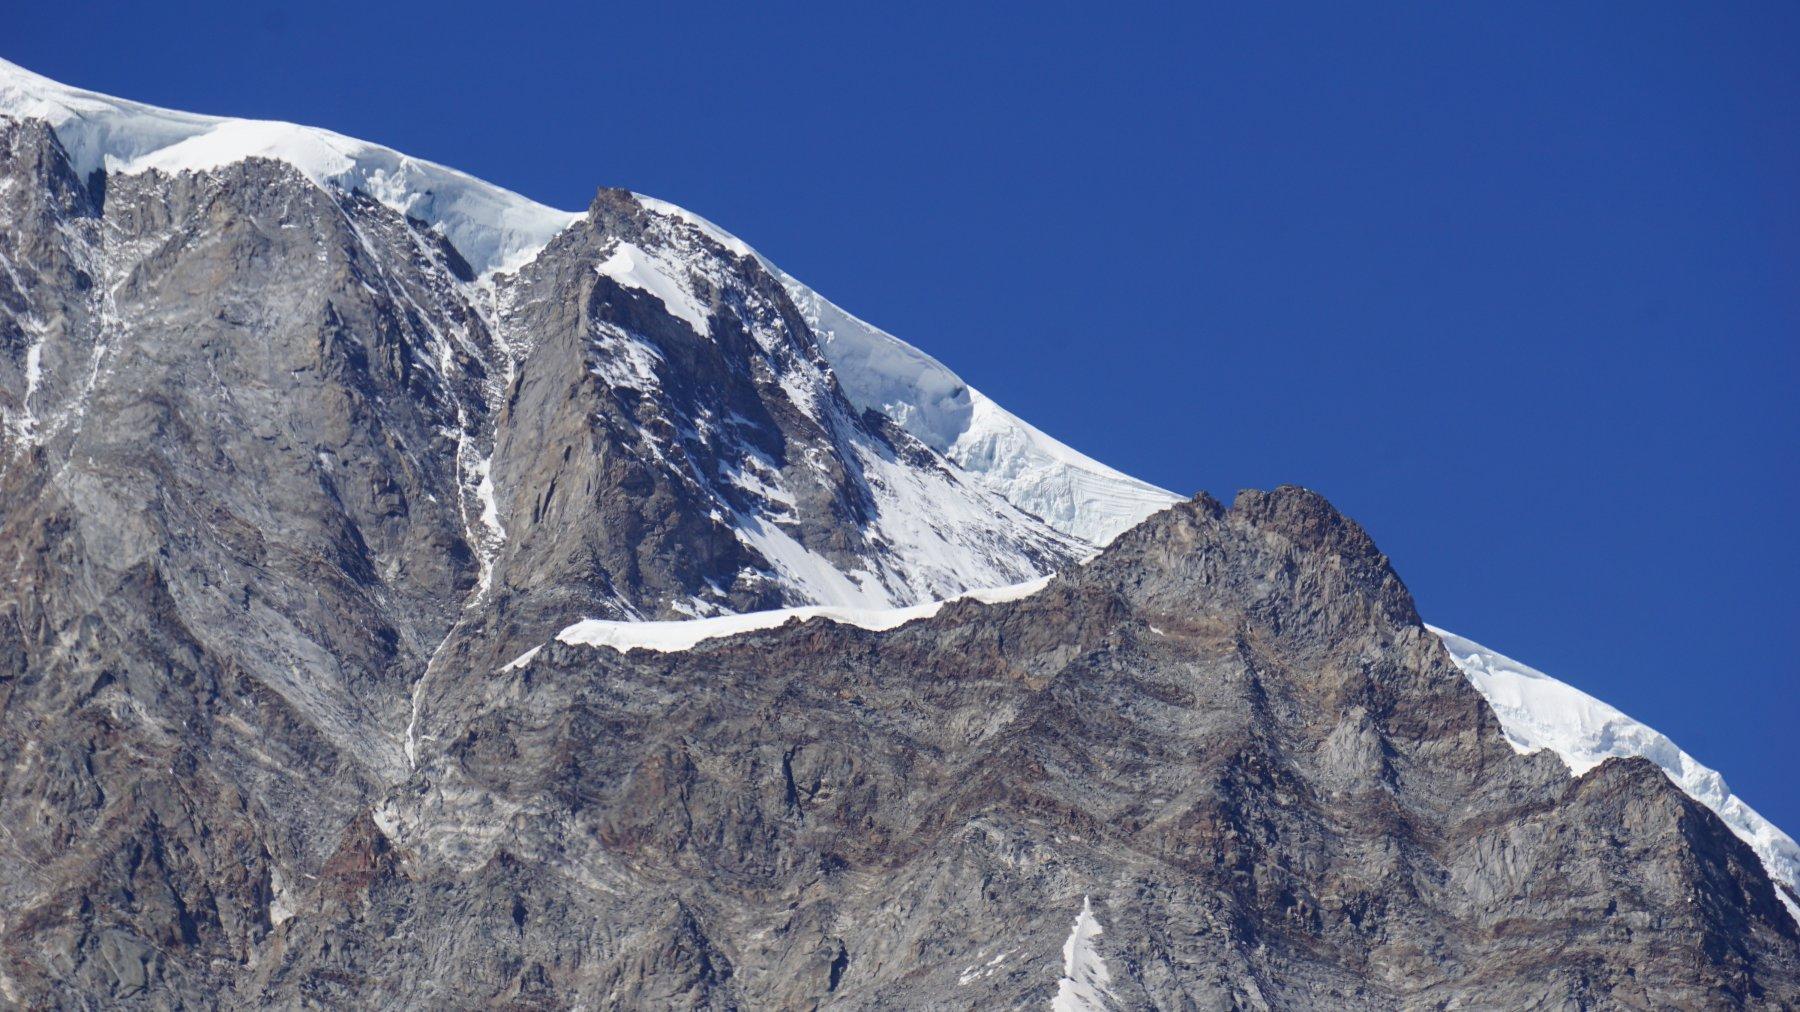 La cresta vista dal piazzale di Macugnaga prima della partenza